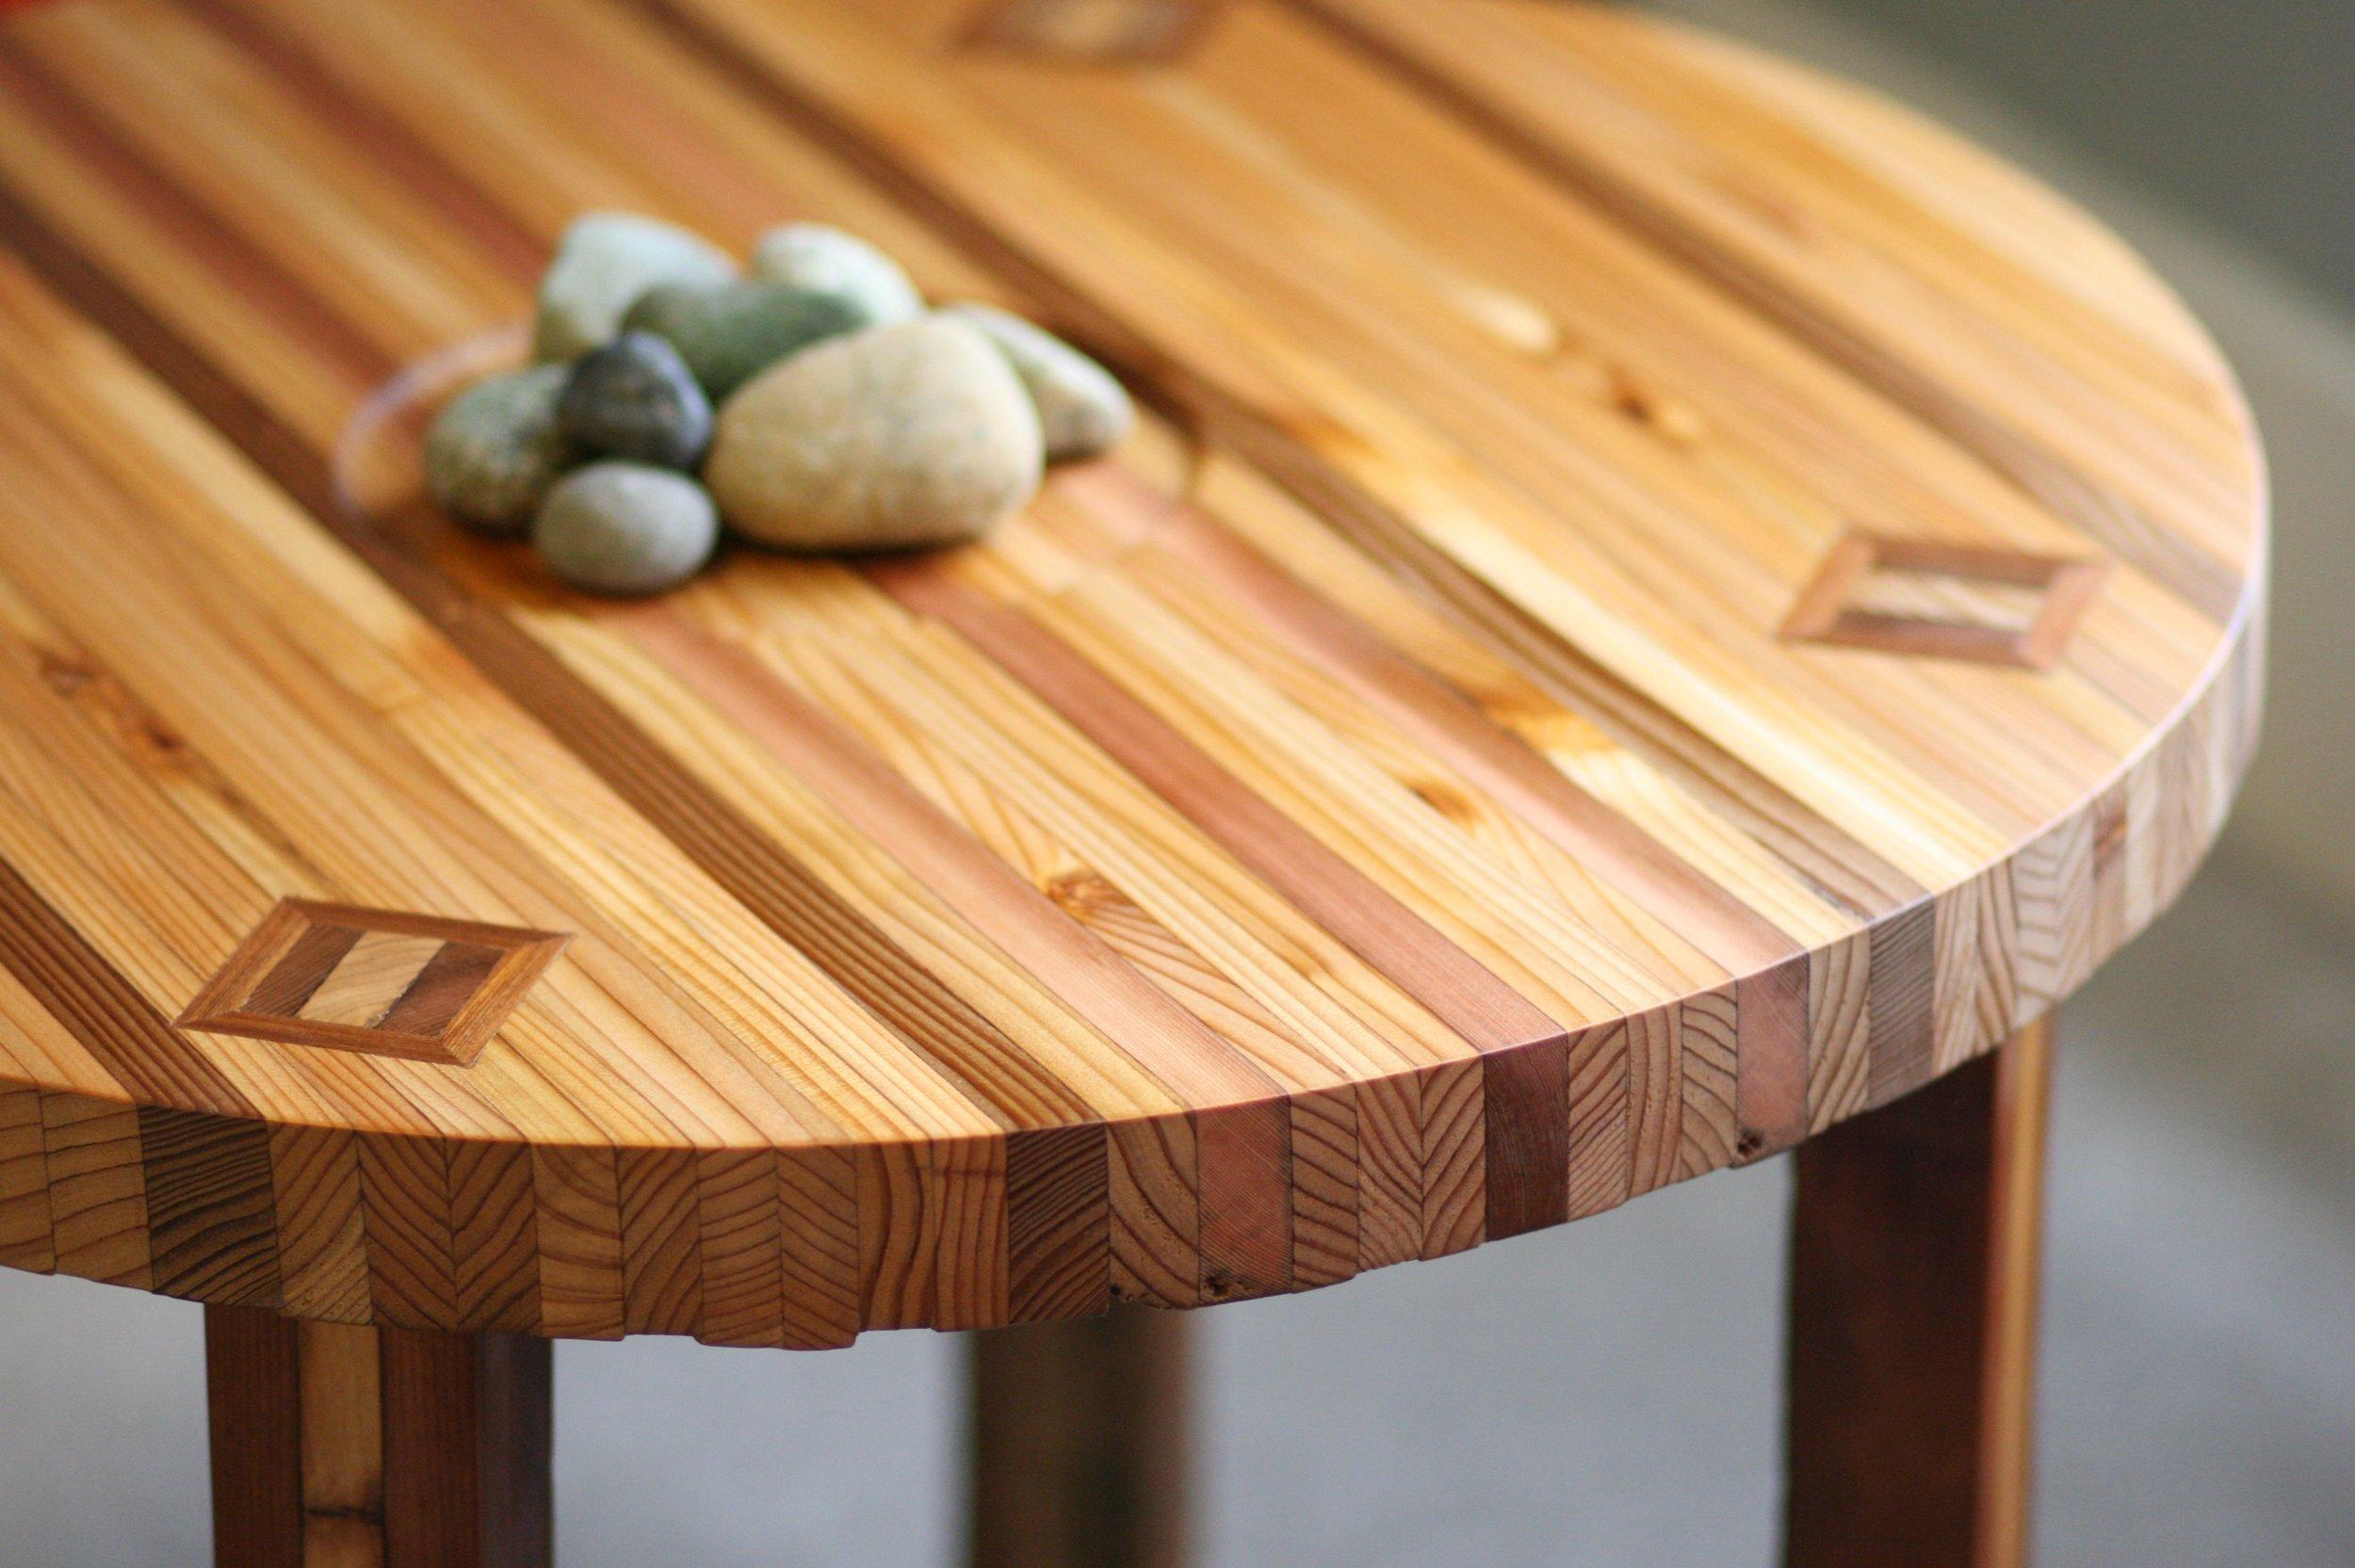 insideoutside-round-table_8619022175_o.jpg